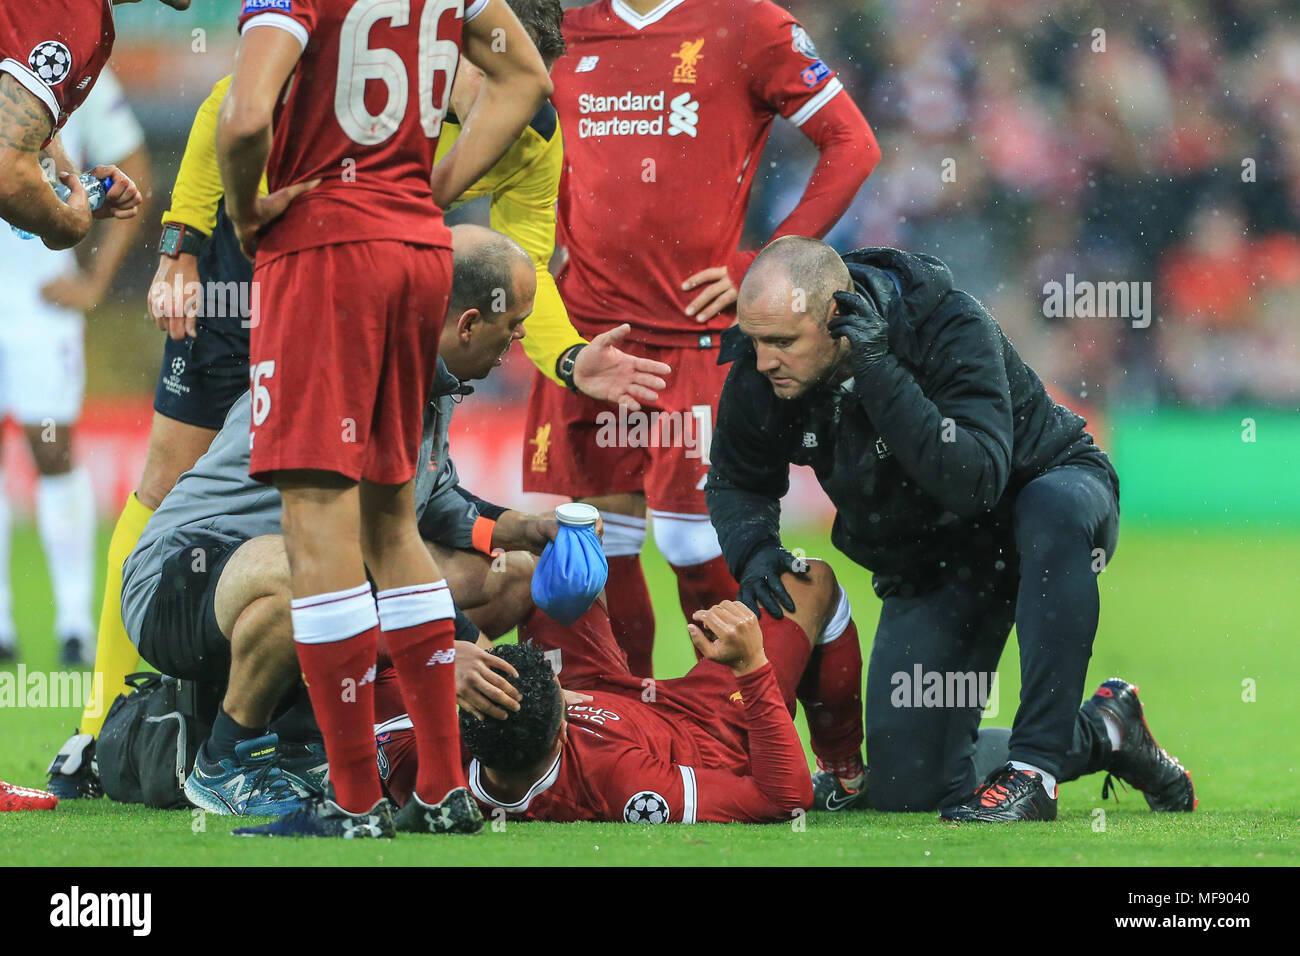 Fotos Von Liverpool Stockfotos & Fotos Von Liverpool Bilder - Alamy